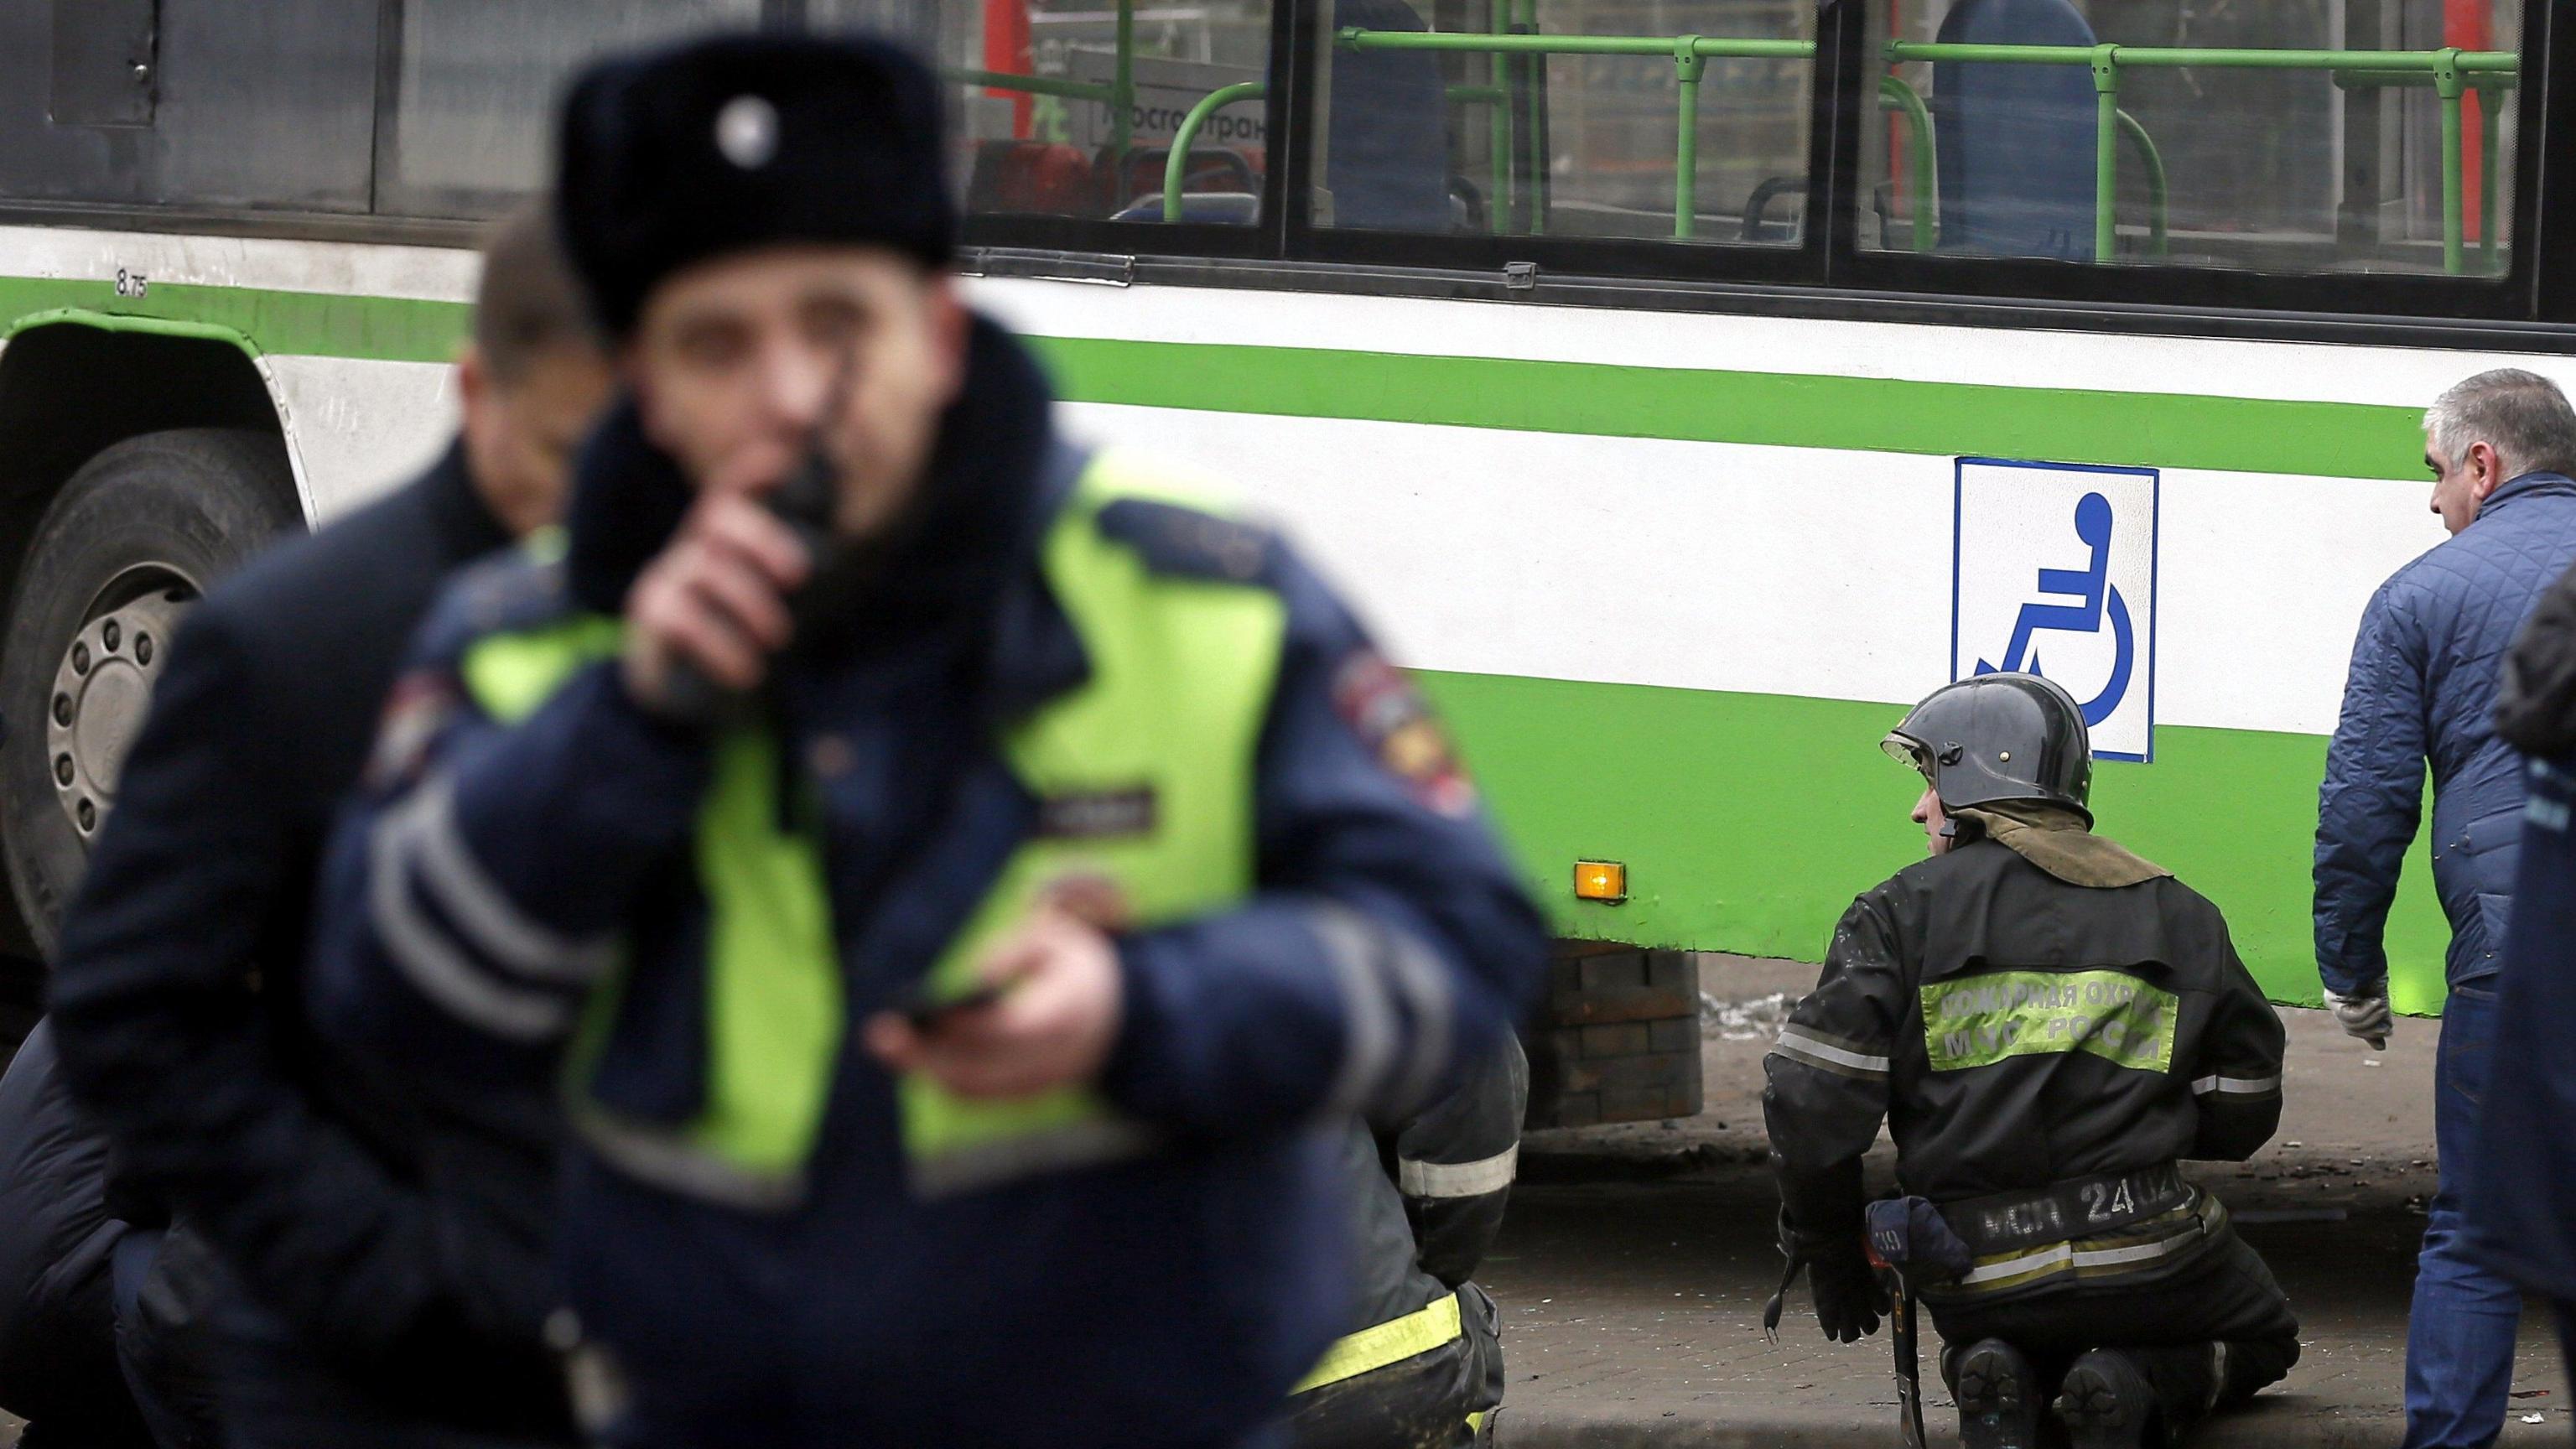 Russia: ragazzo attacca scuola con ascia